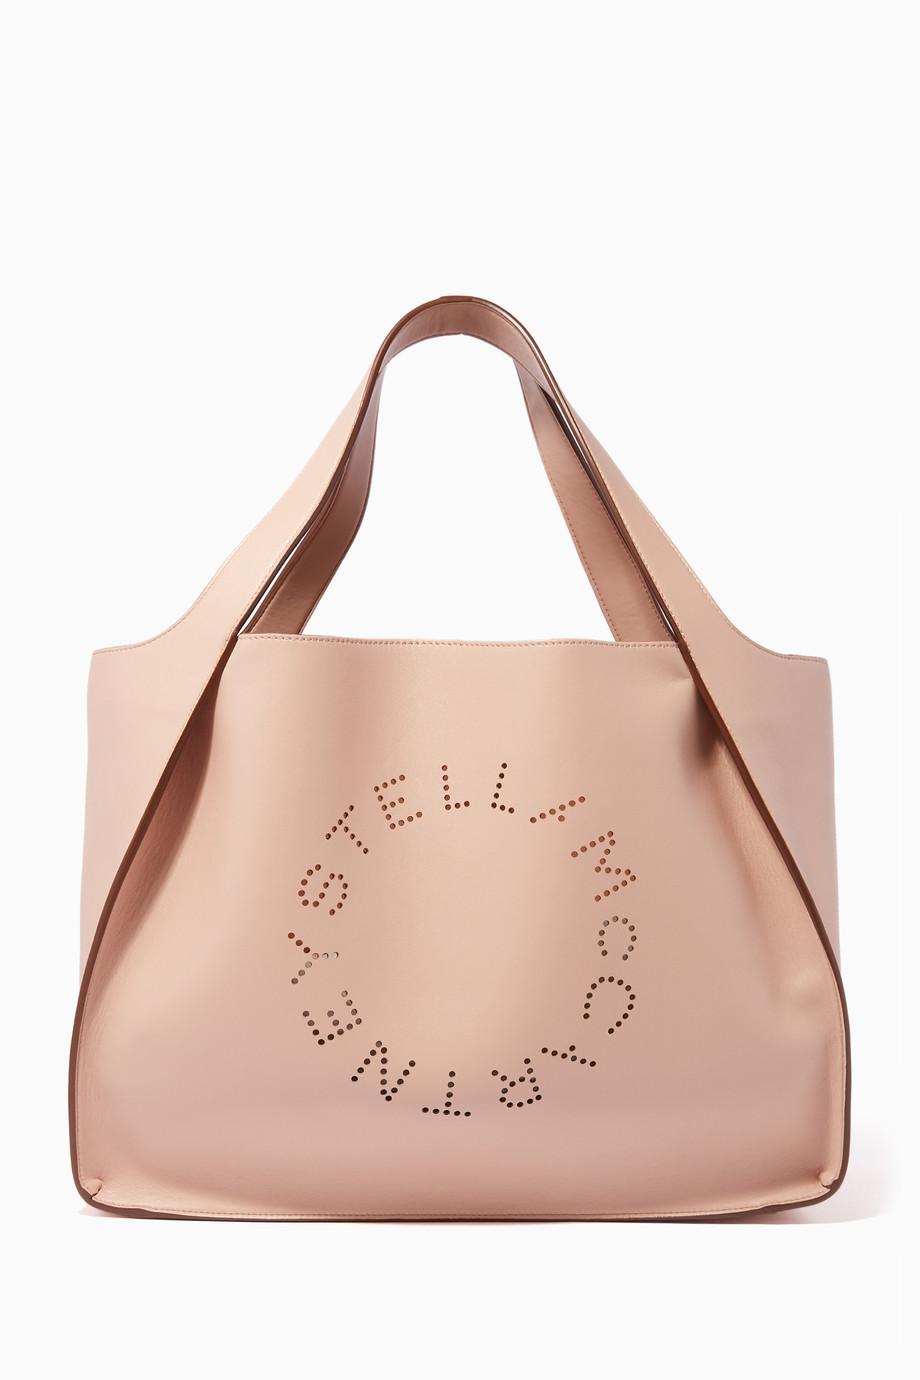 4d415a4741a45 تسوق حقيبة يد بشعار الماركة وردي فاتح ستيلا مكارتني وردي للنساء